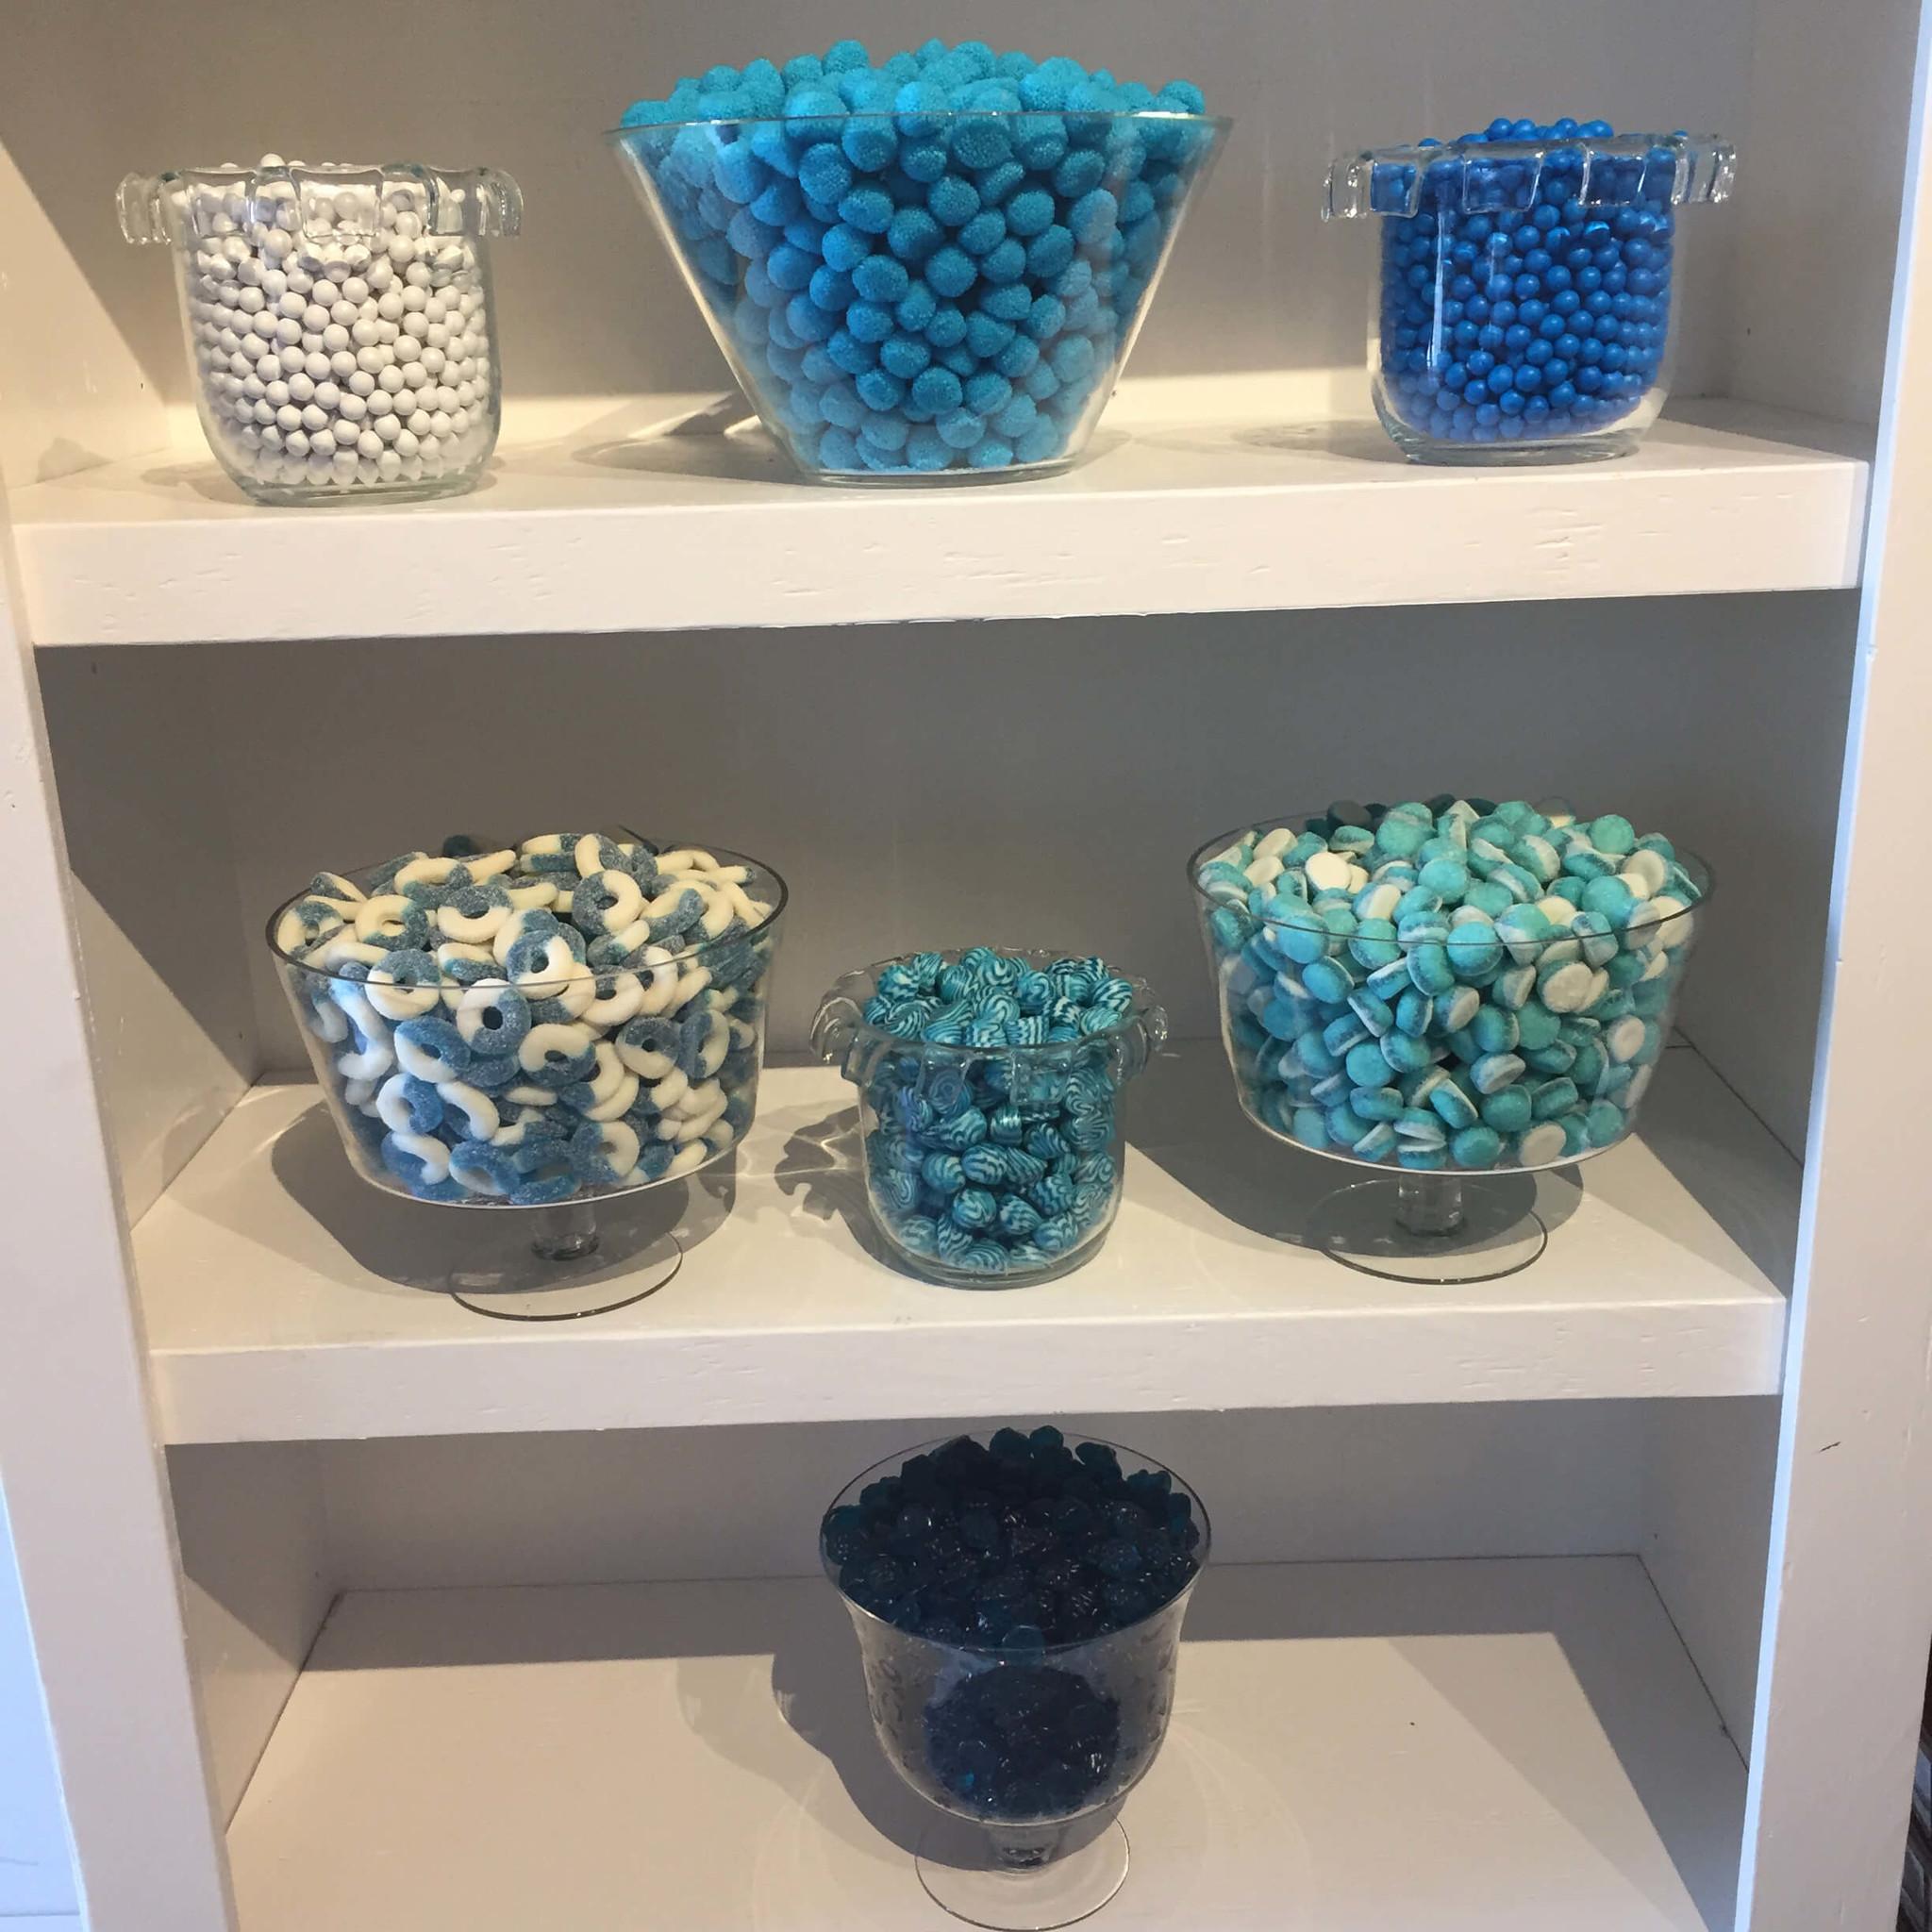 Bonbons bleus dans des pots sur des étagères